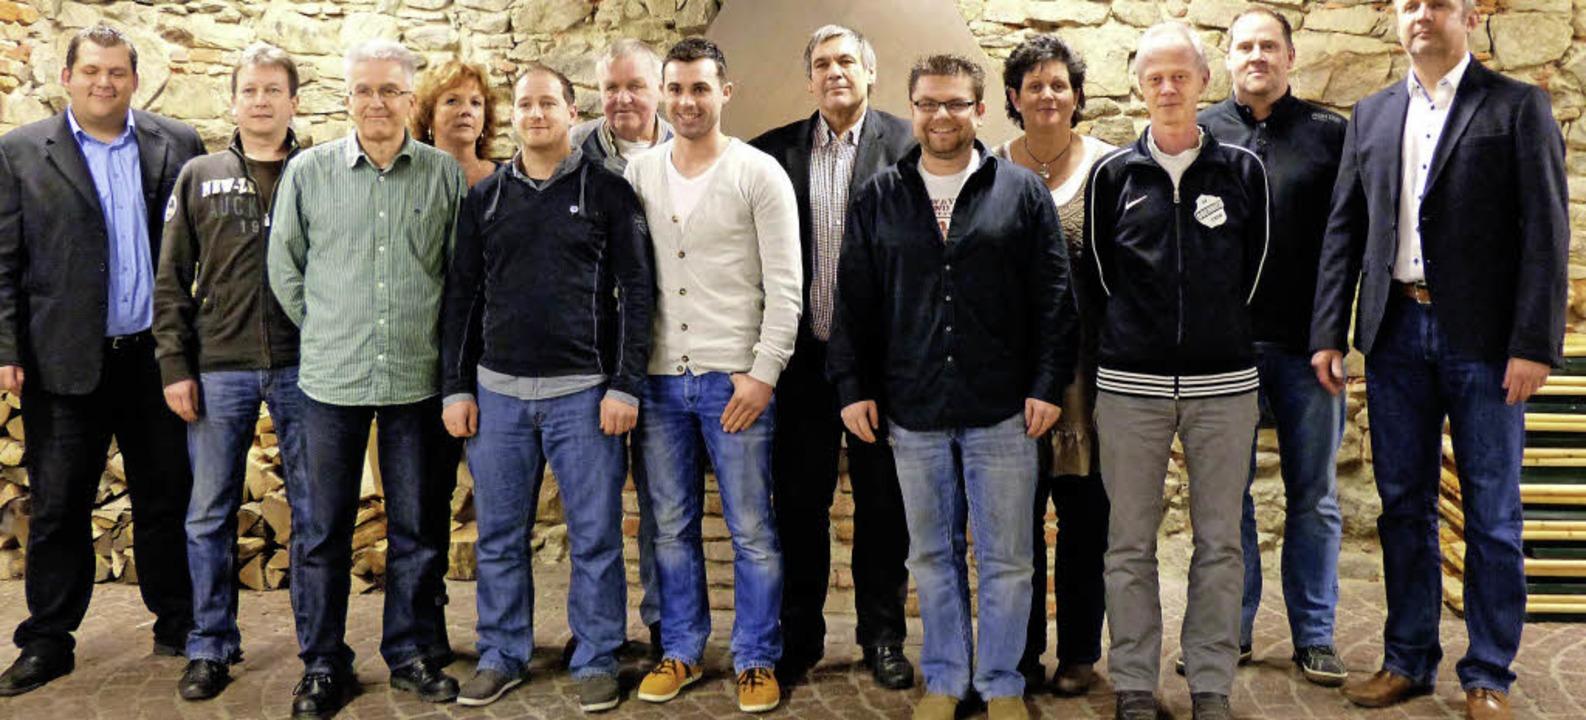 Die neu gewählte Vorstandschaft der Sportfreunde Oberried  | Foto: Barbara Odrich-Rees